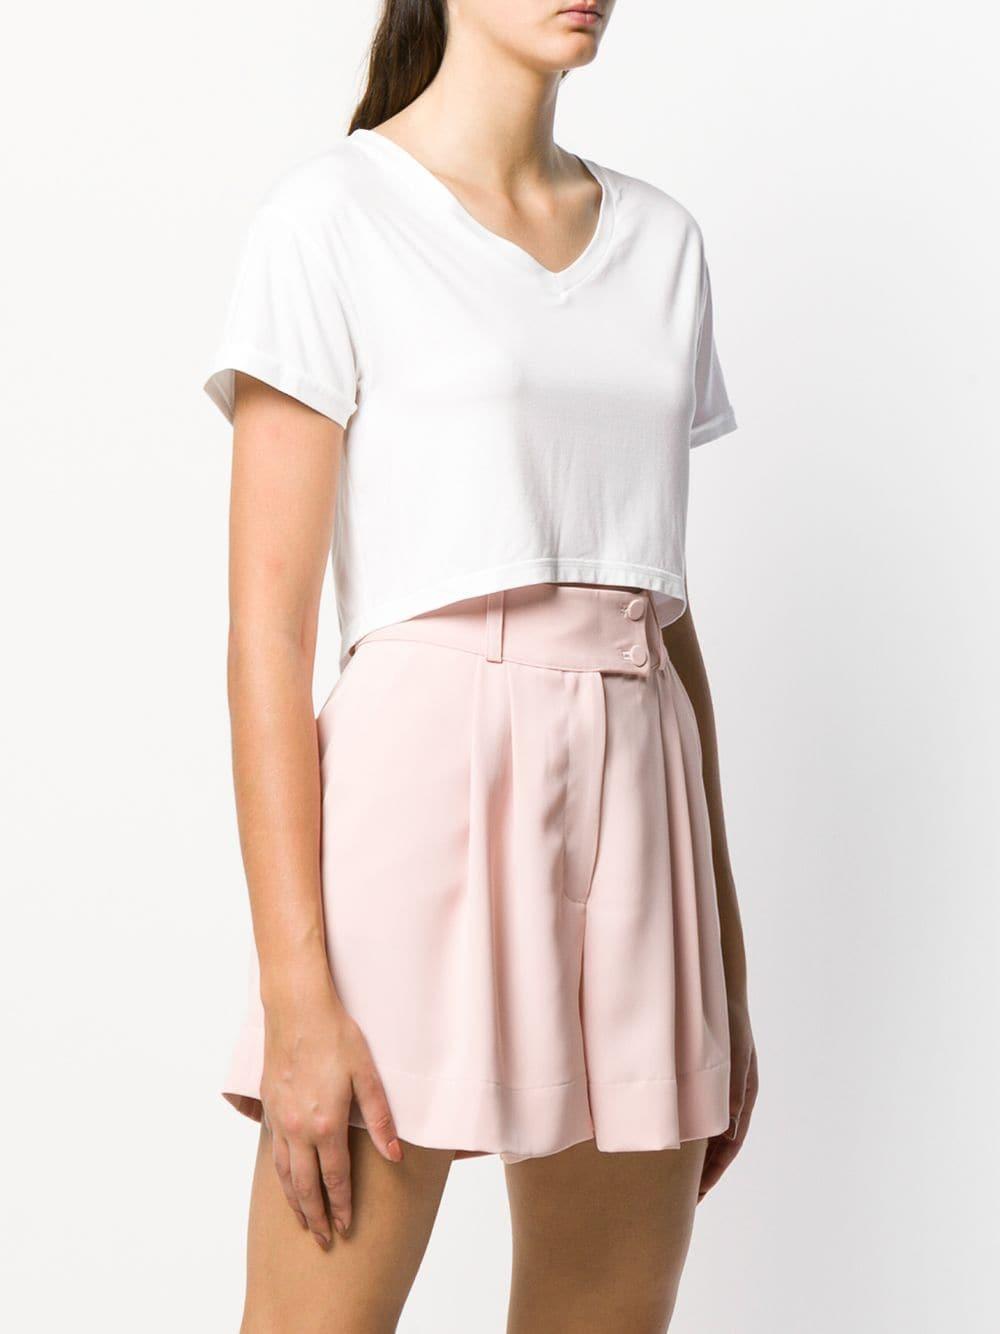 Camiseta corta Styland de Tejido sintético de color Blanco